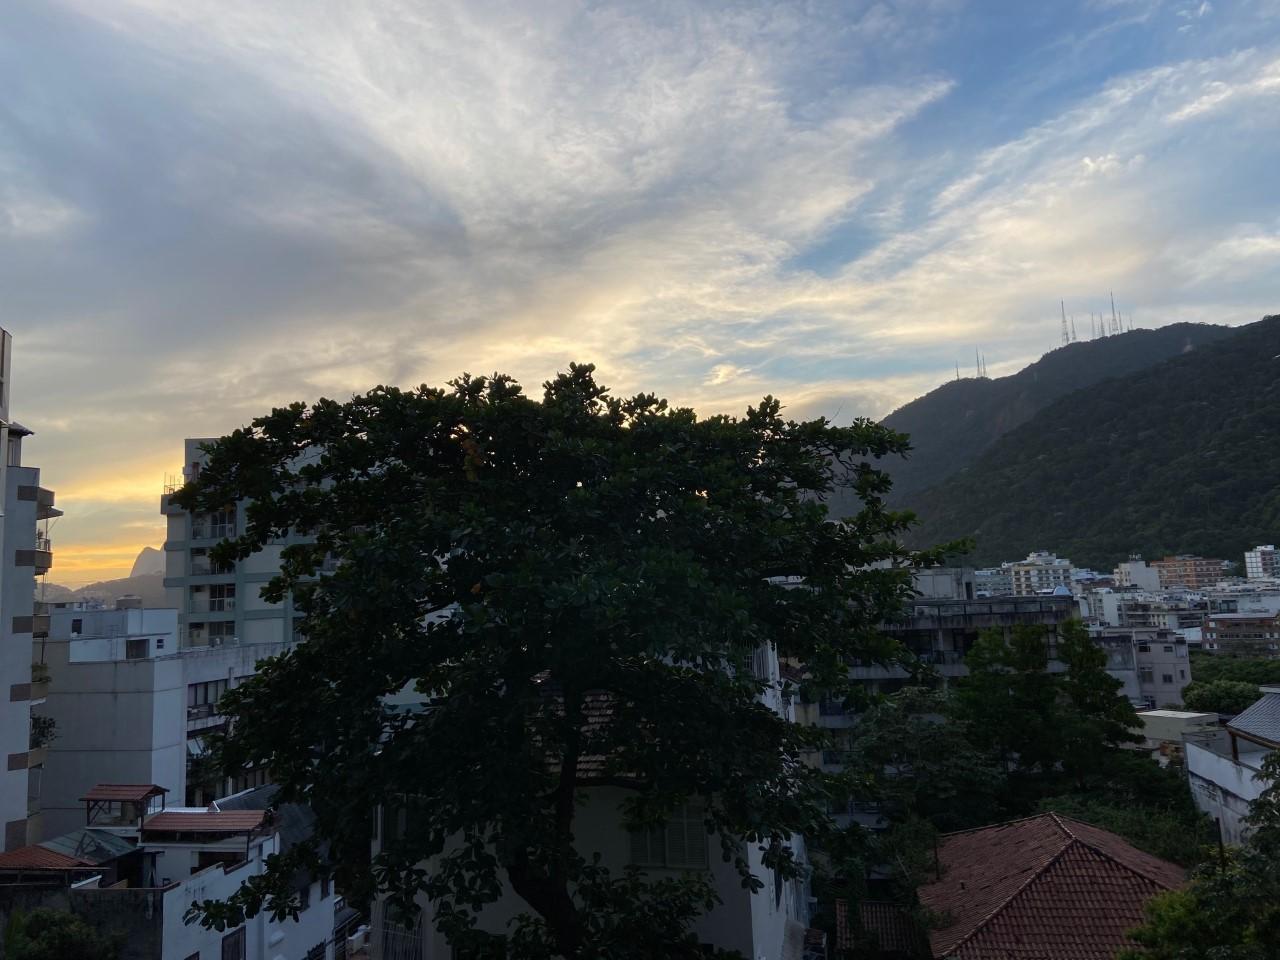 Rio deve bater recorde de calor entre quarta-feira e domingo